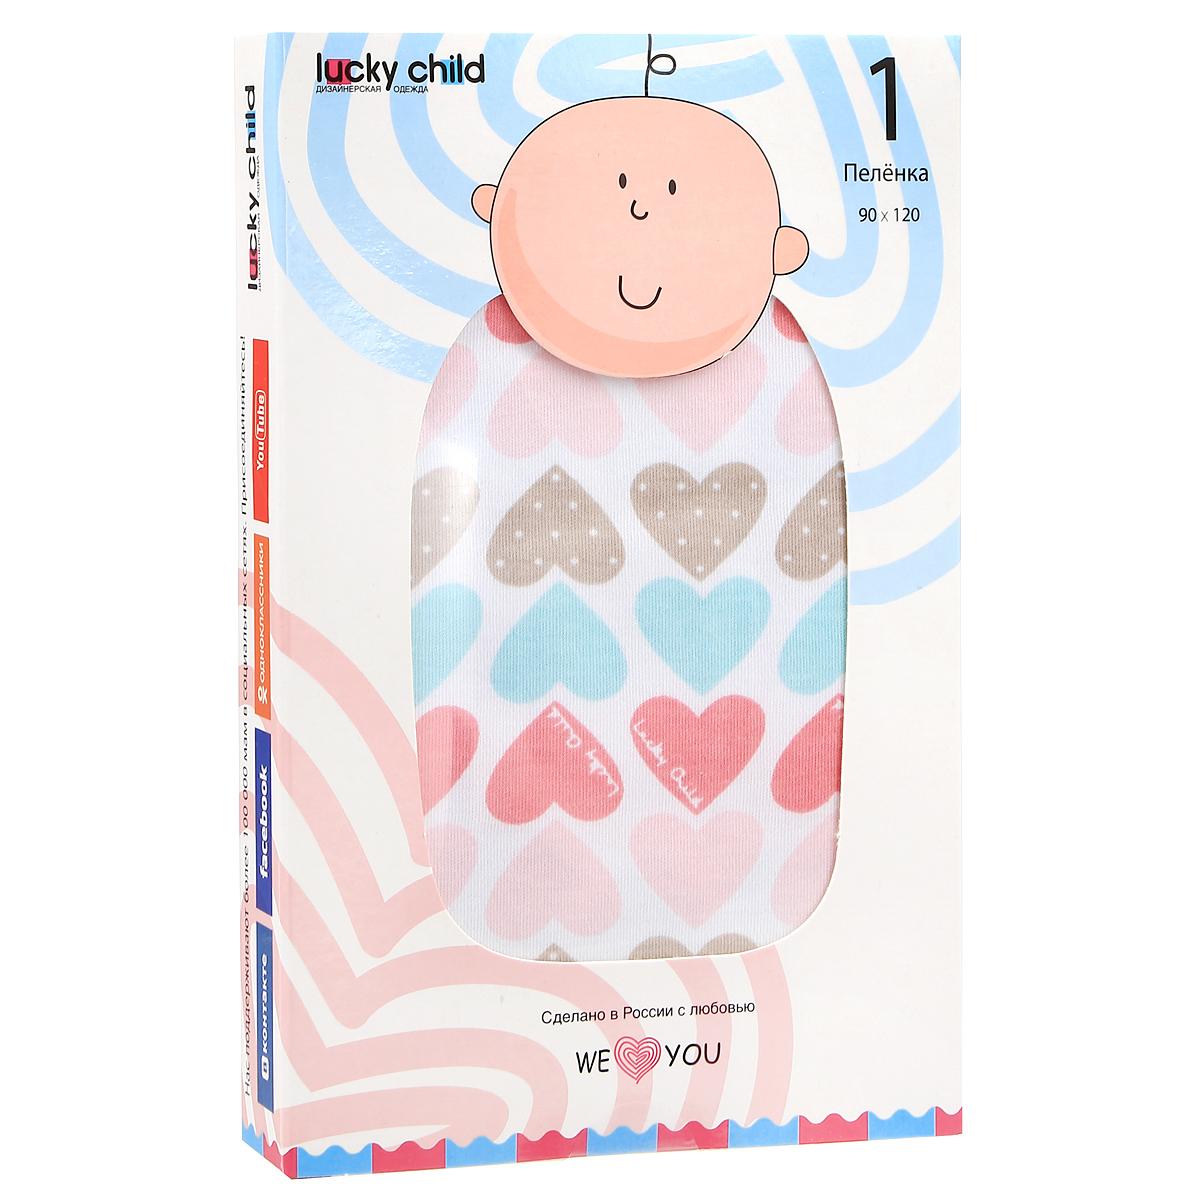 Пеленка Lucky Child детская 141-1000